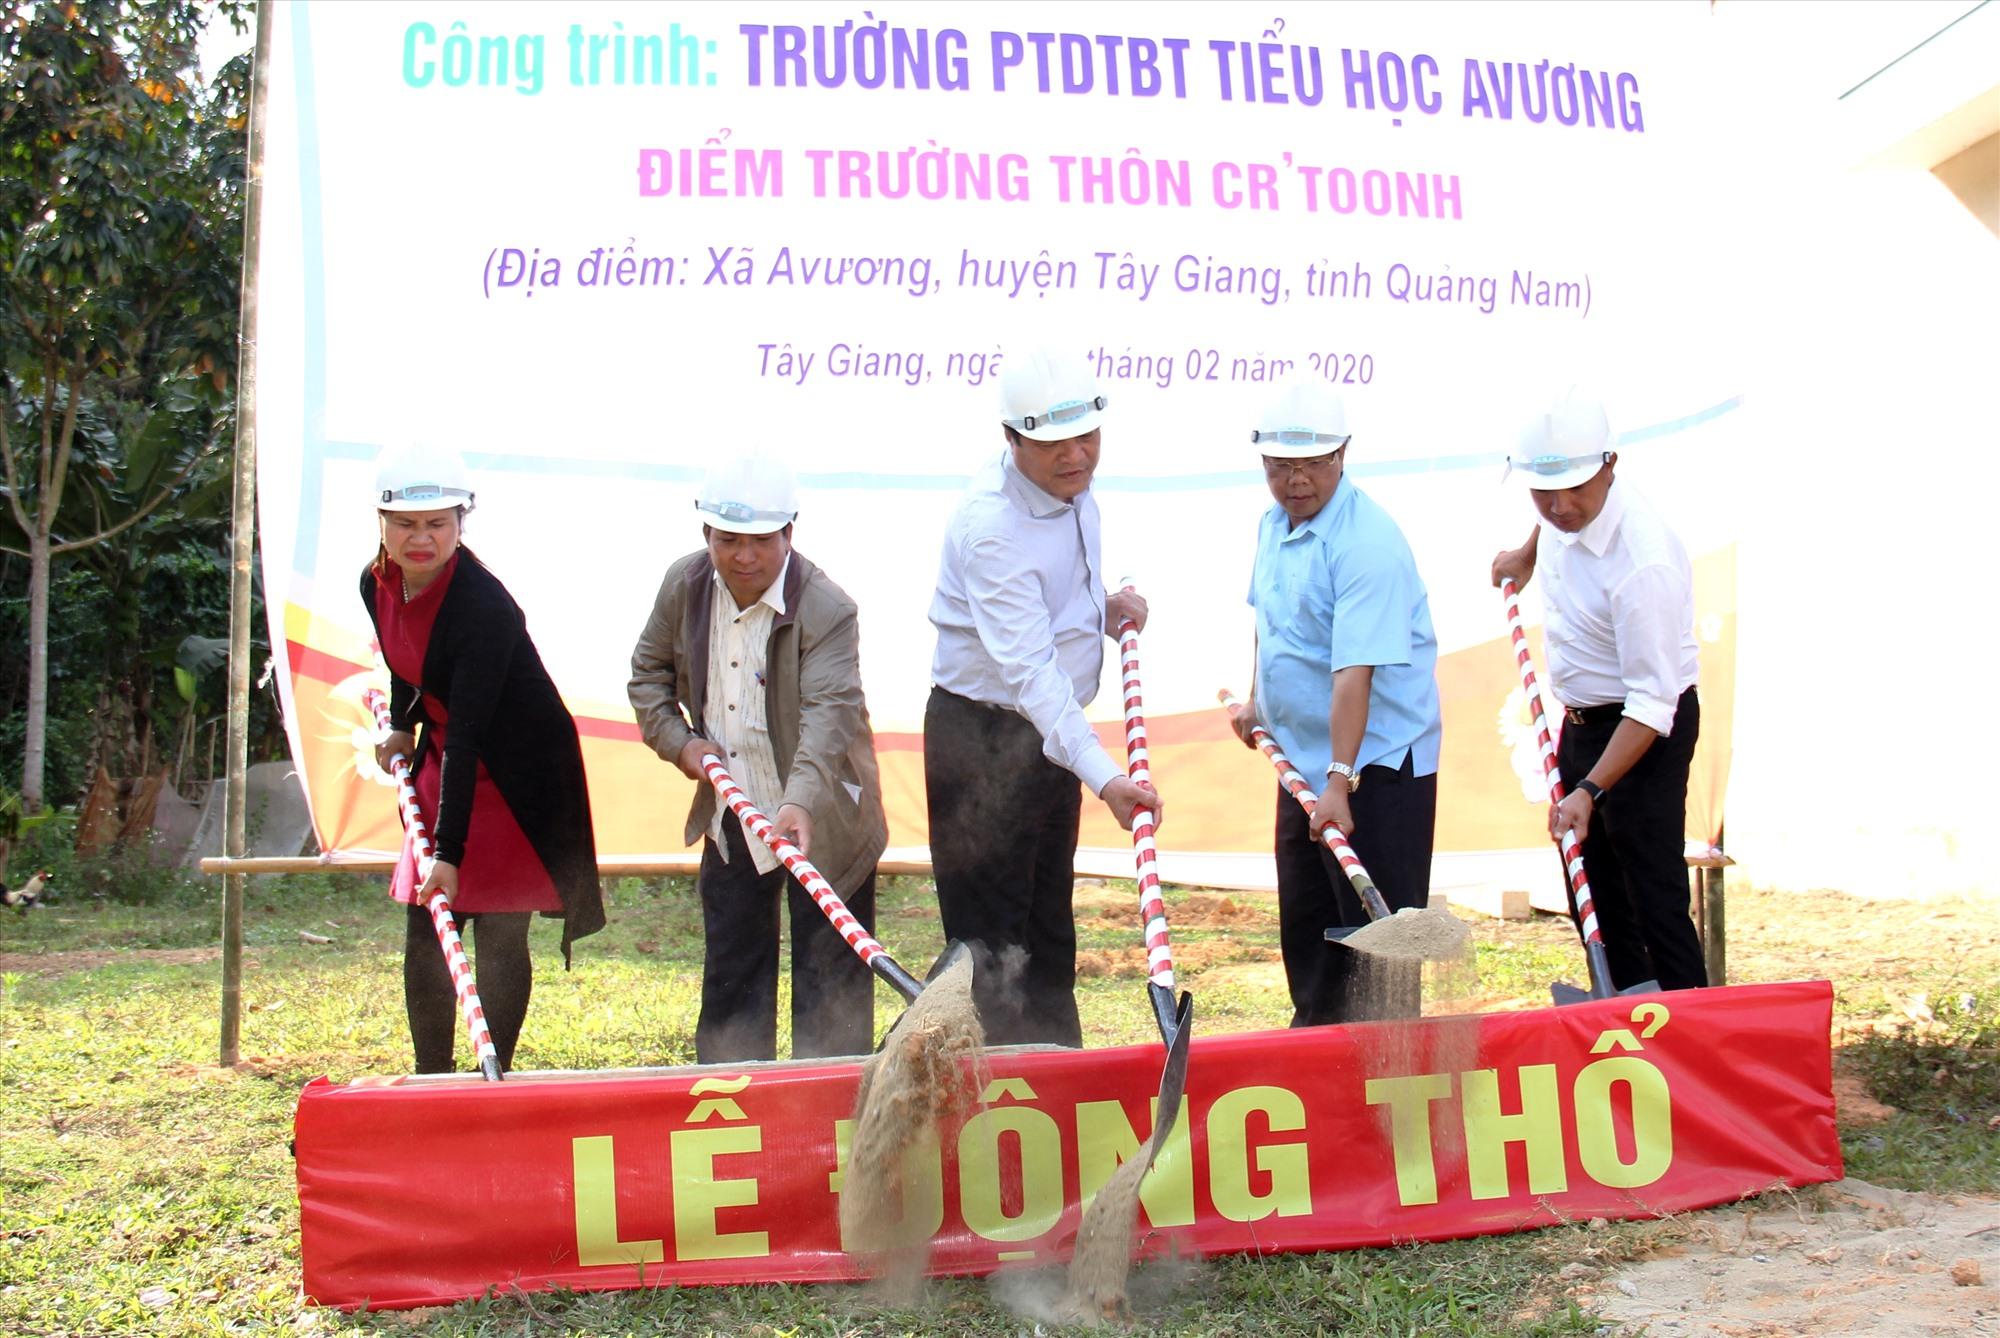 Bí thư Tỉnh ủy Phan Việt Cường cùng đại diện lãnh đạo huyện Tây Giang và đơn vị doanh nghiệp thực hiện nghi thức động thổ công trình. Ảnh: A.N